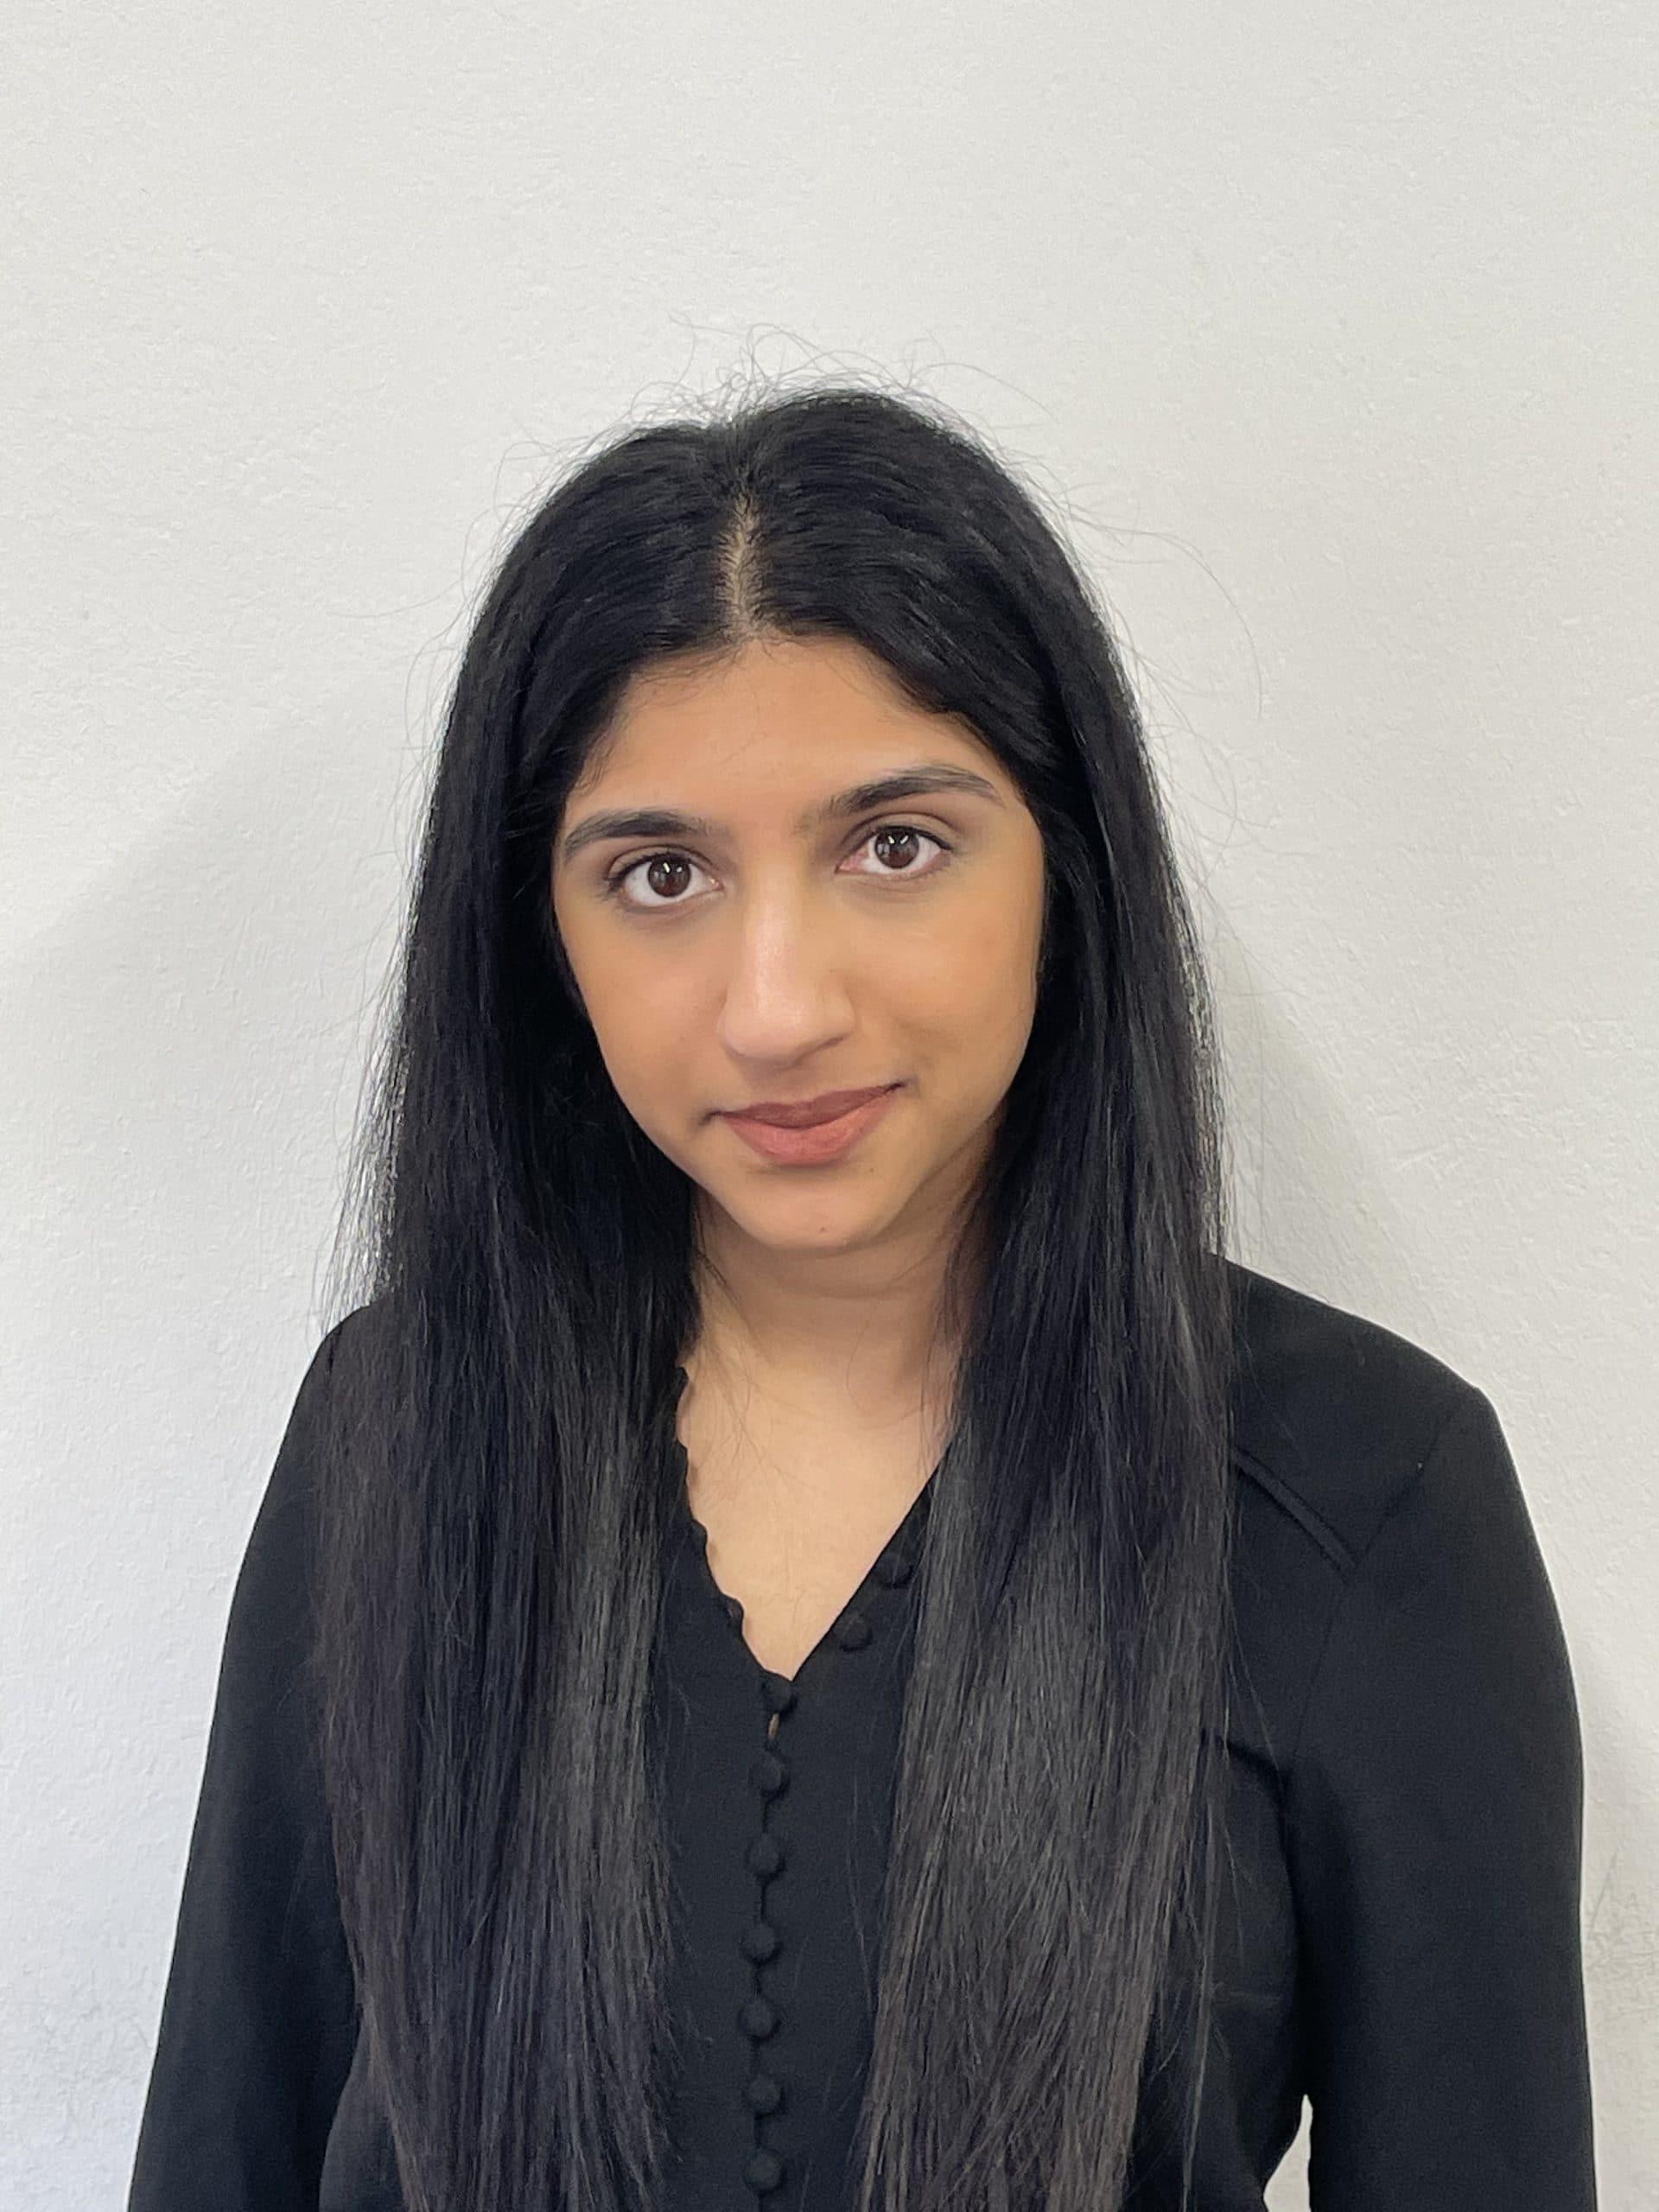 Reena Keshwala